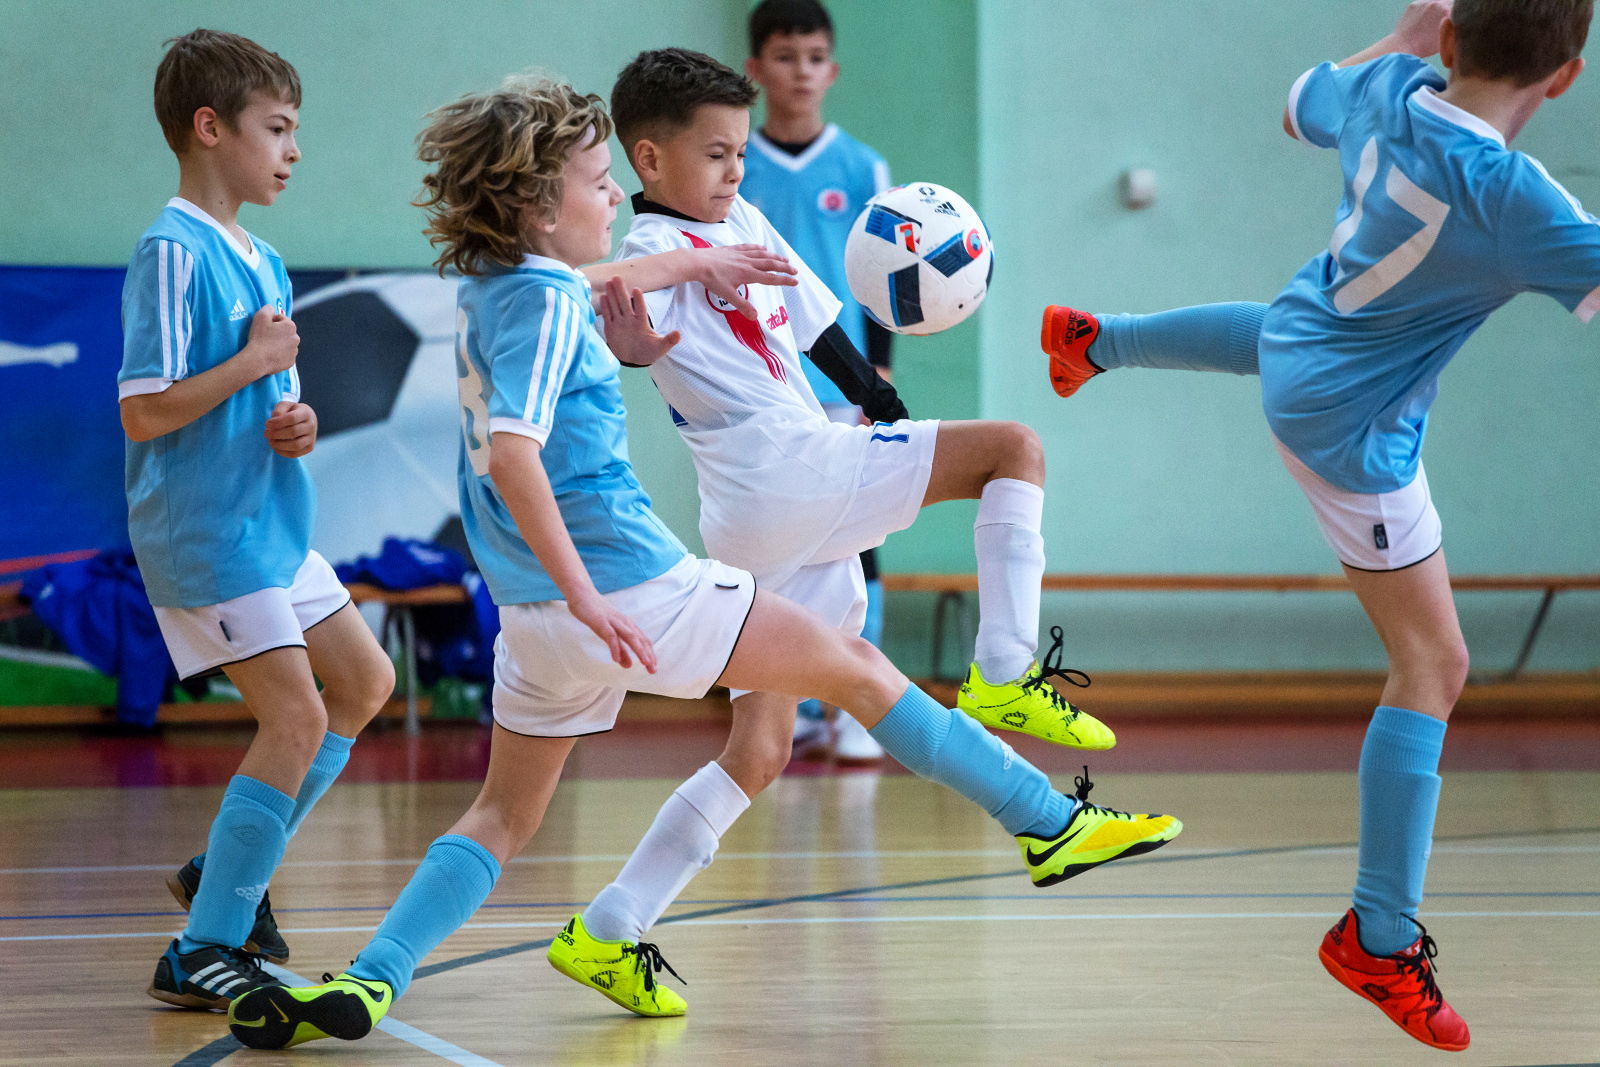 105c0a5bb Aj tak možno stručne nazvať III. ročník futbalového Tittel CUPu, ktorý v  Dolnom Kubíne organizujú pre kategóriu detí U 10. Toho roku malo podujatie  znova ...